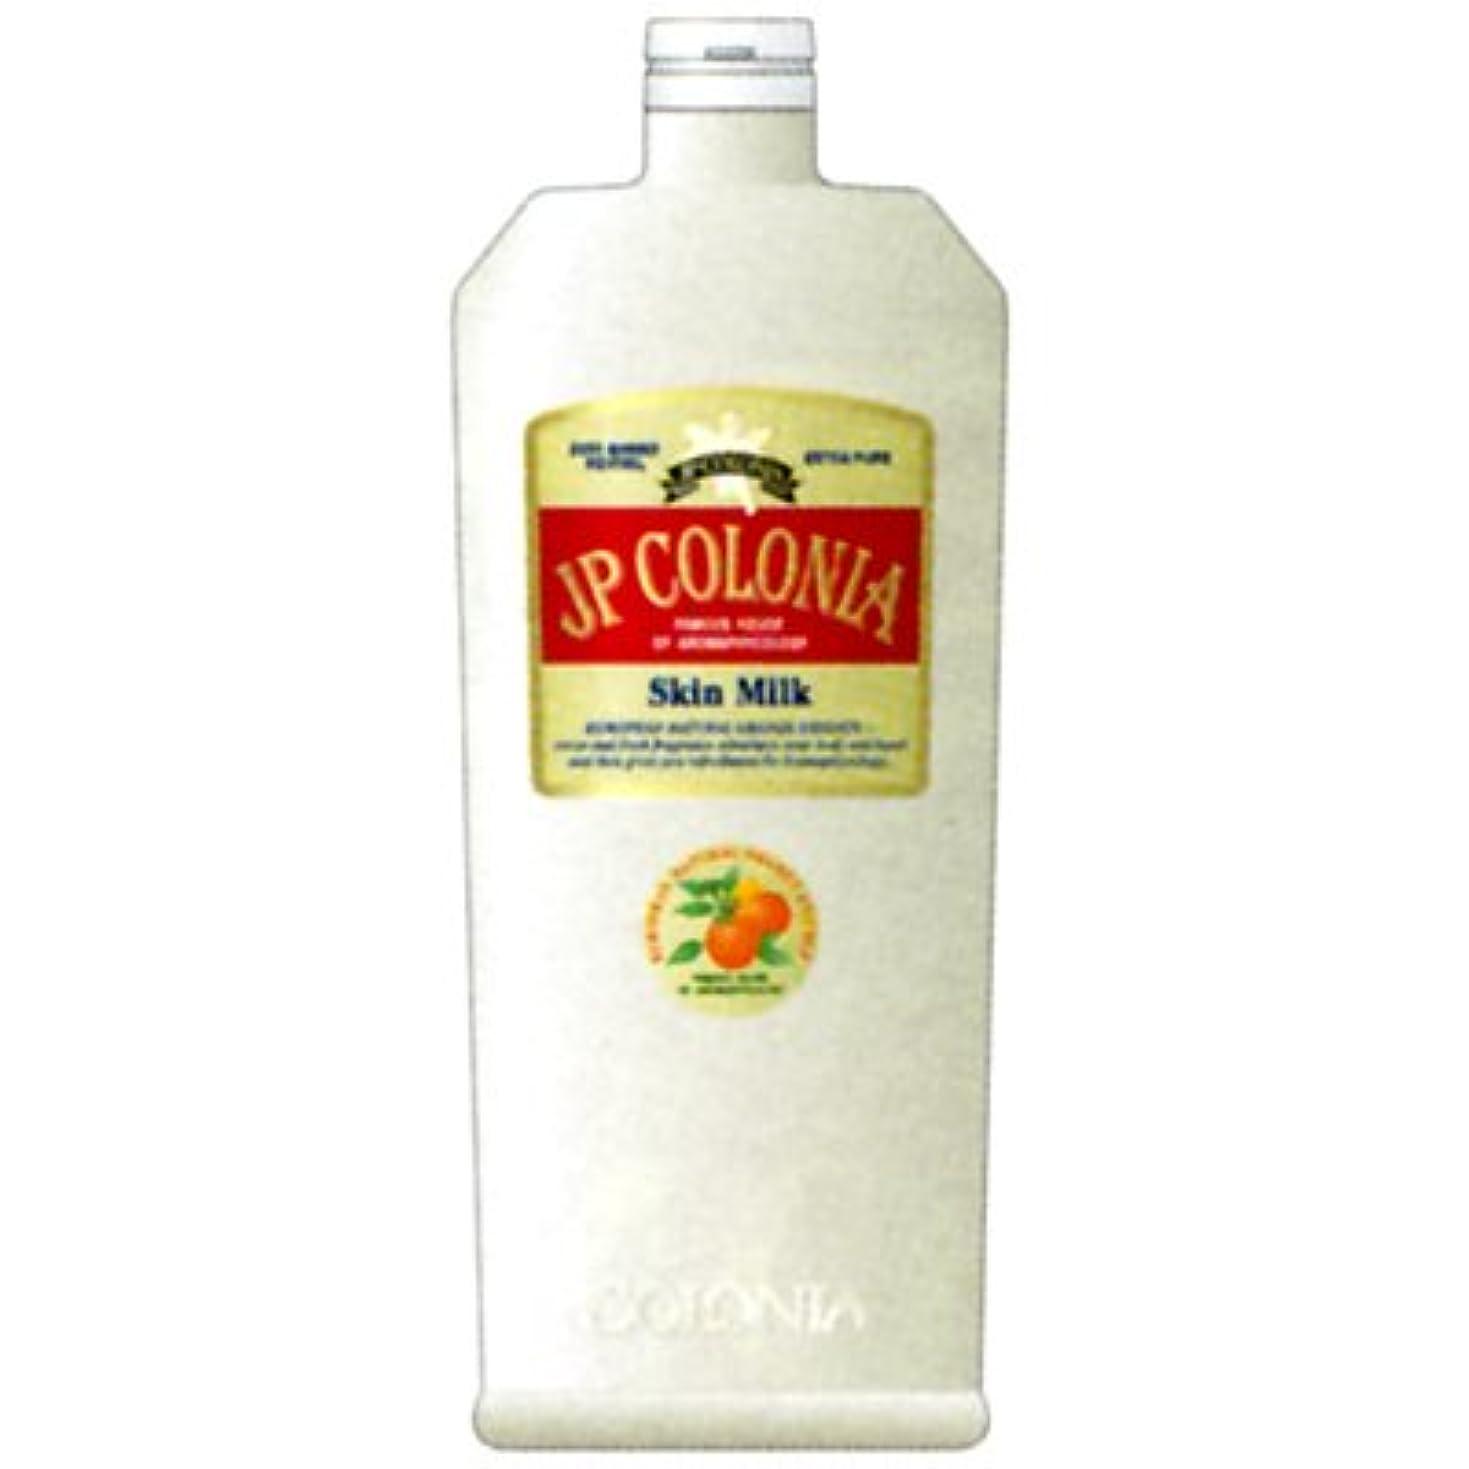 金曜日古くなった申し立てJPコロニア スキンミルクEX 500ml 業務用